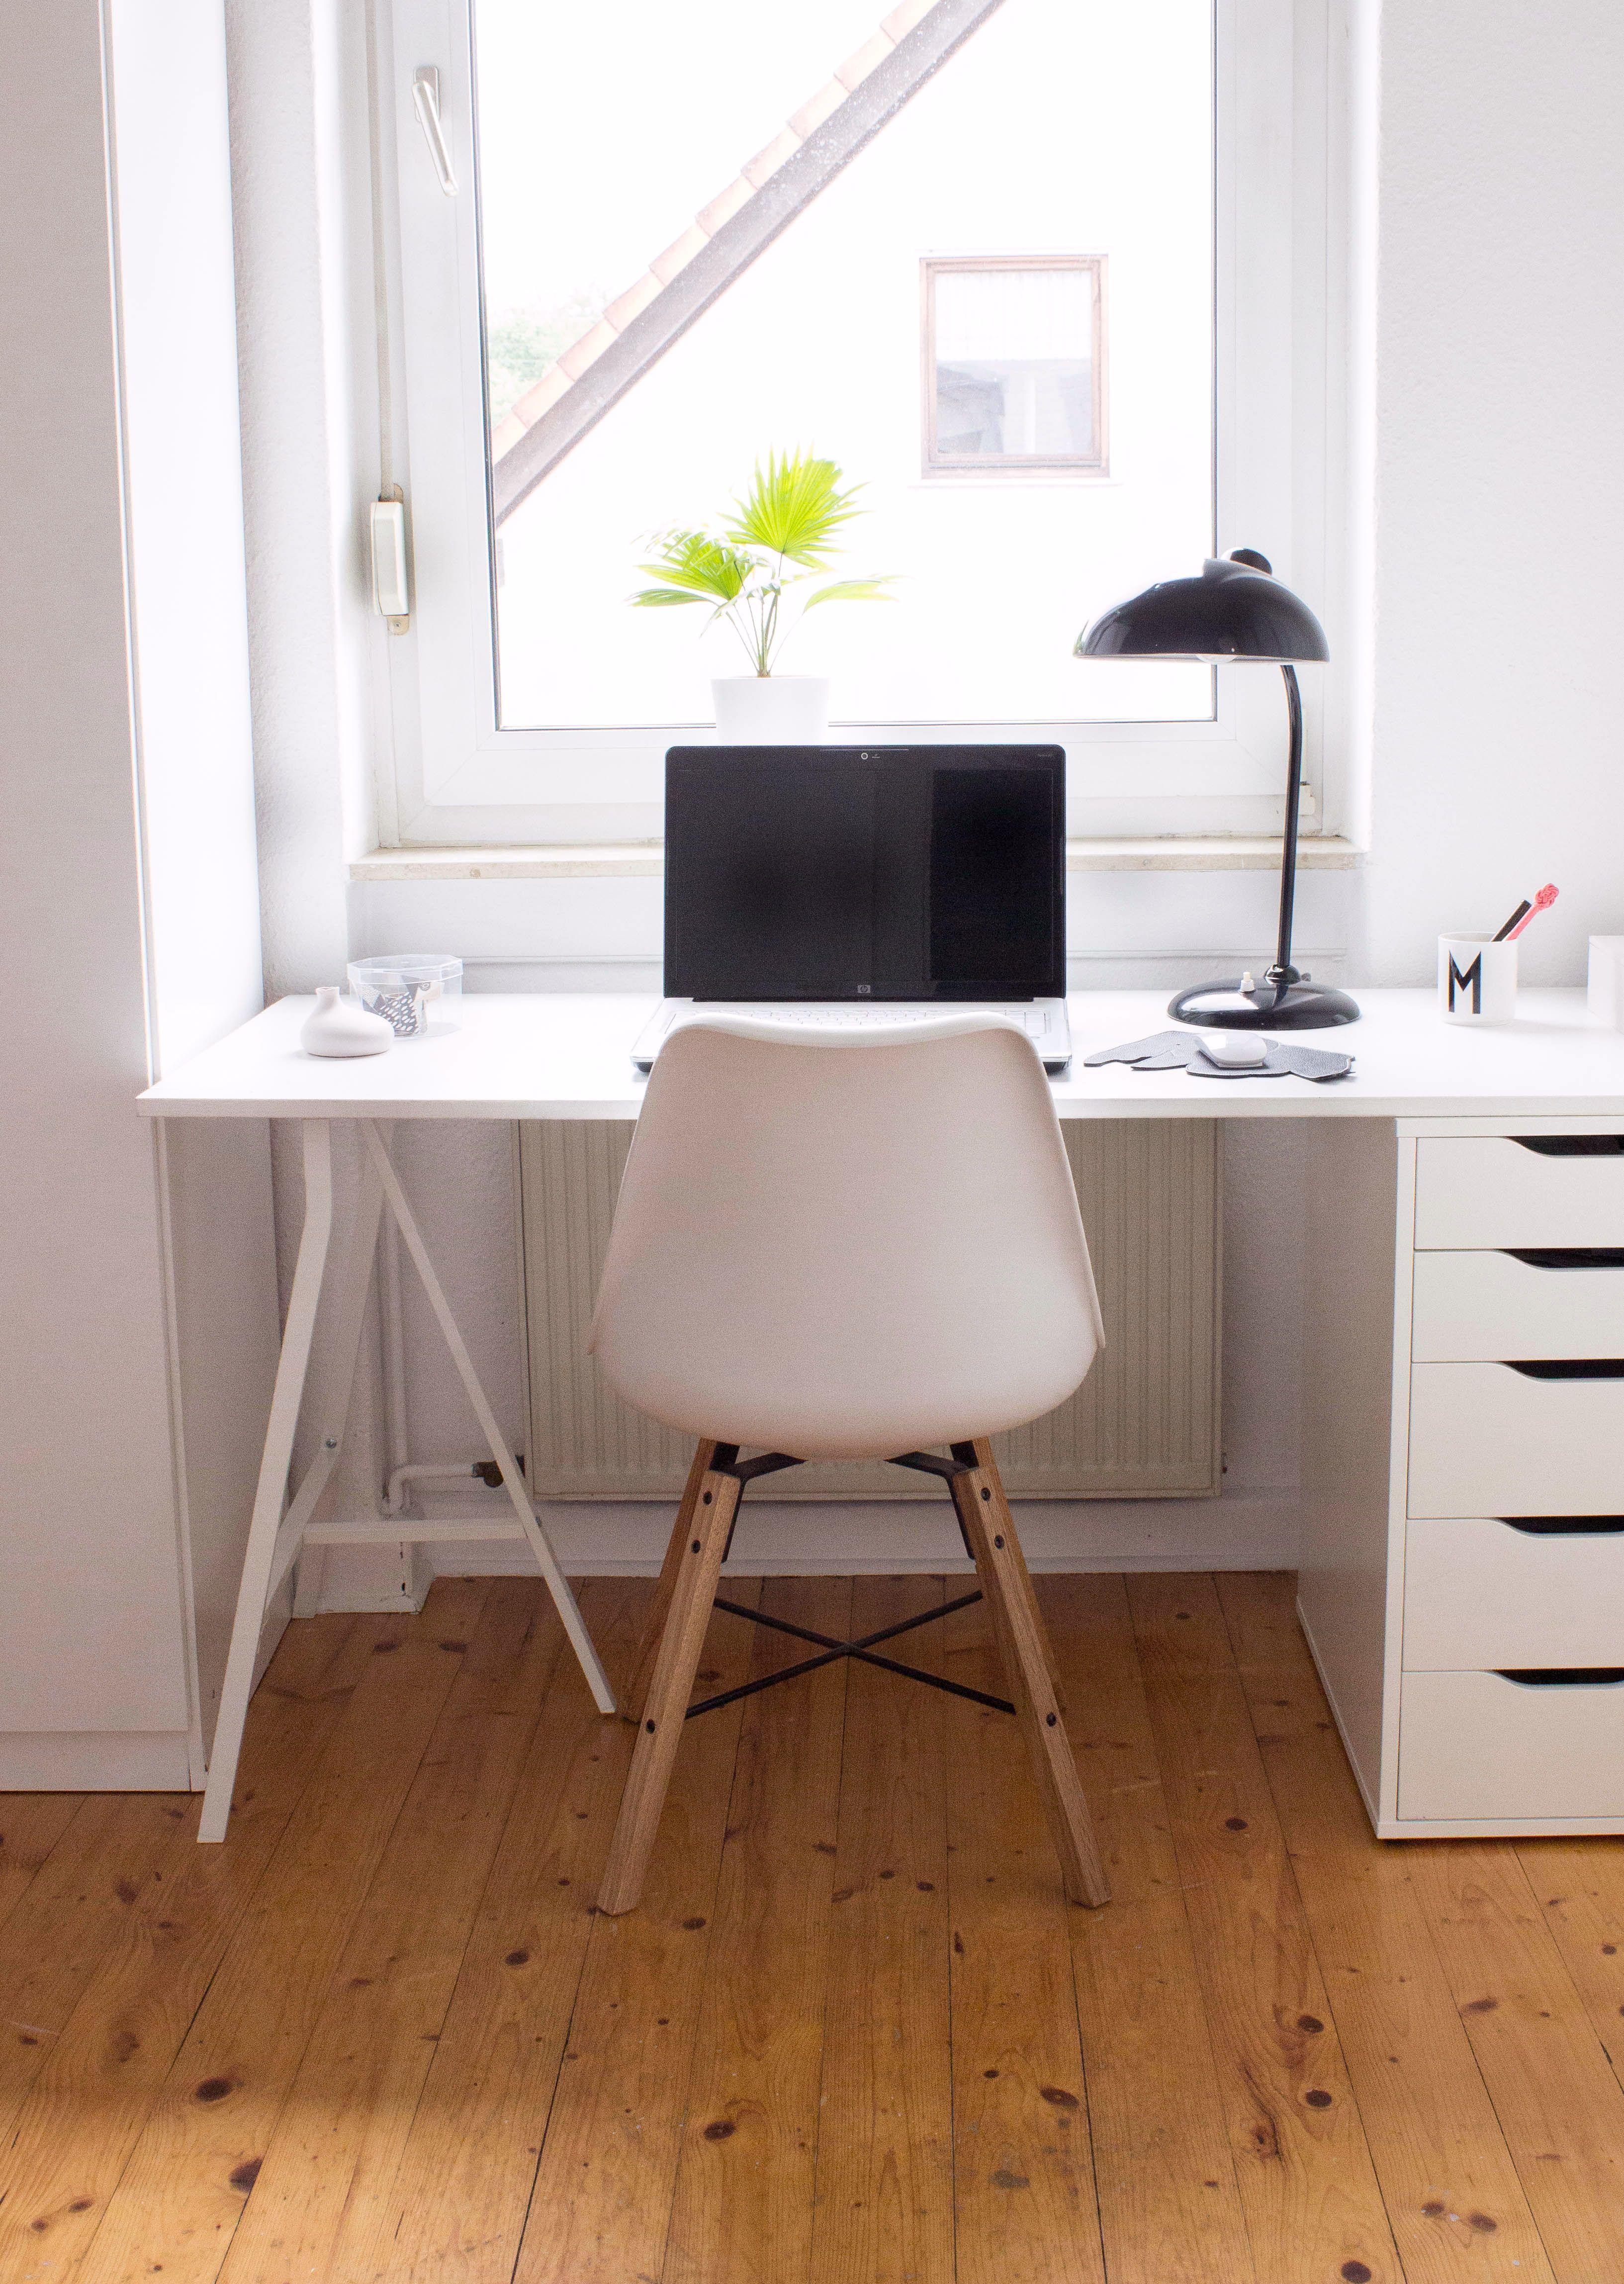 Mehr Accessoires Und Möbel Für Euer Büro Findet Ihr Auf Unserem Shop.  Foto:Maditas